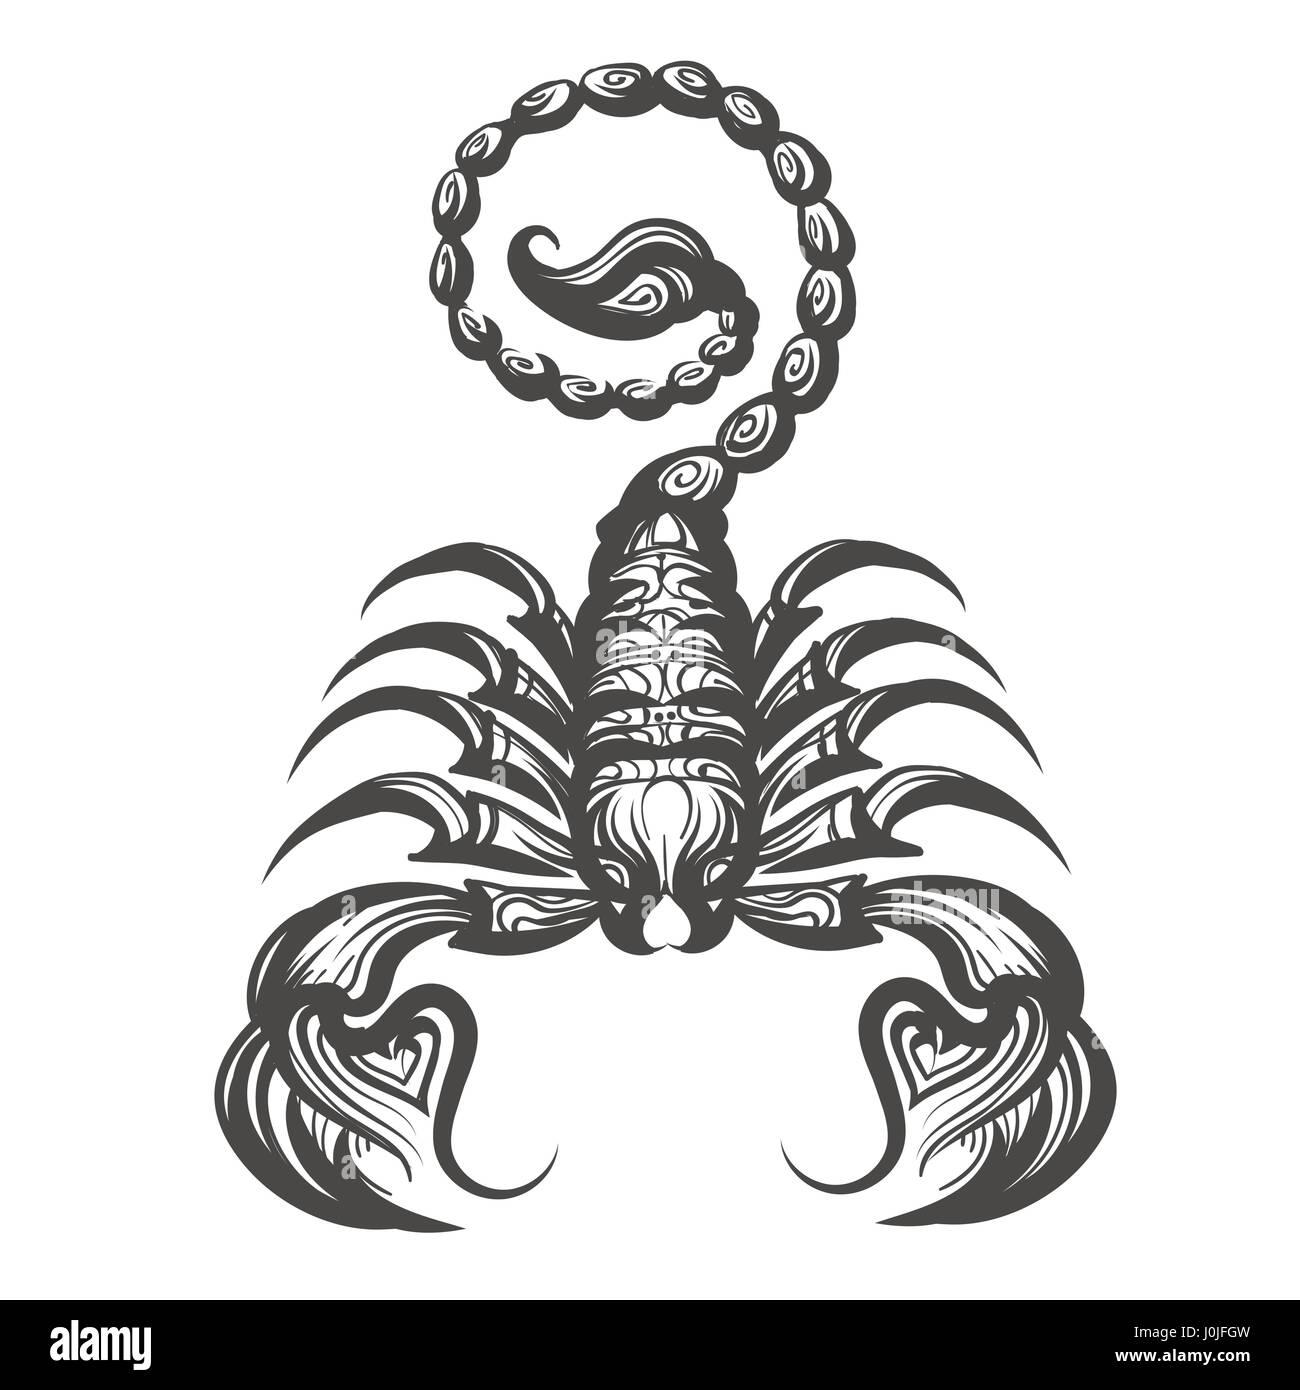 Scorpion In Gravur Stil Gezeichnet Vektor Illustration Vektor